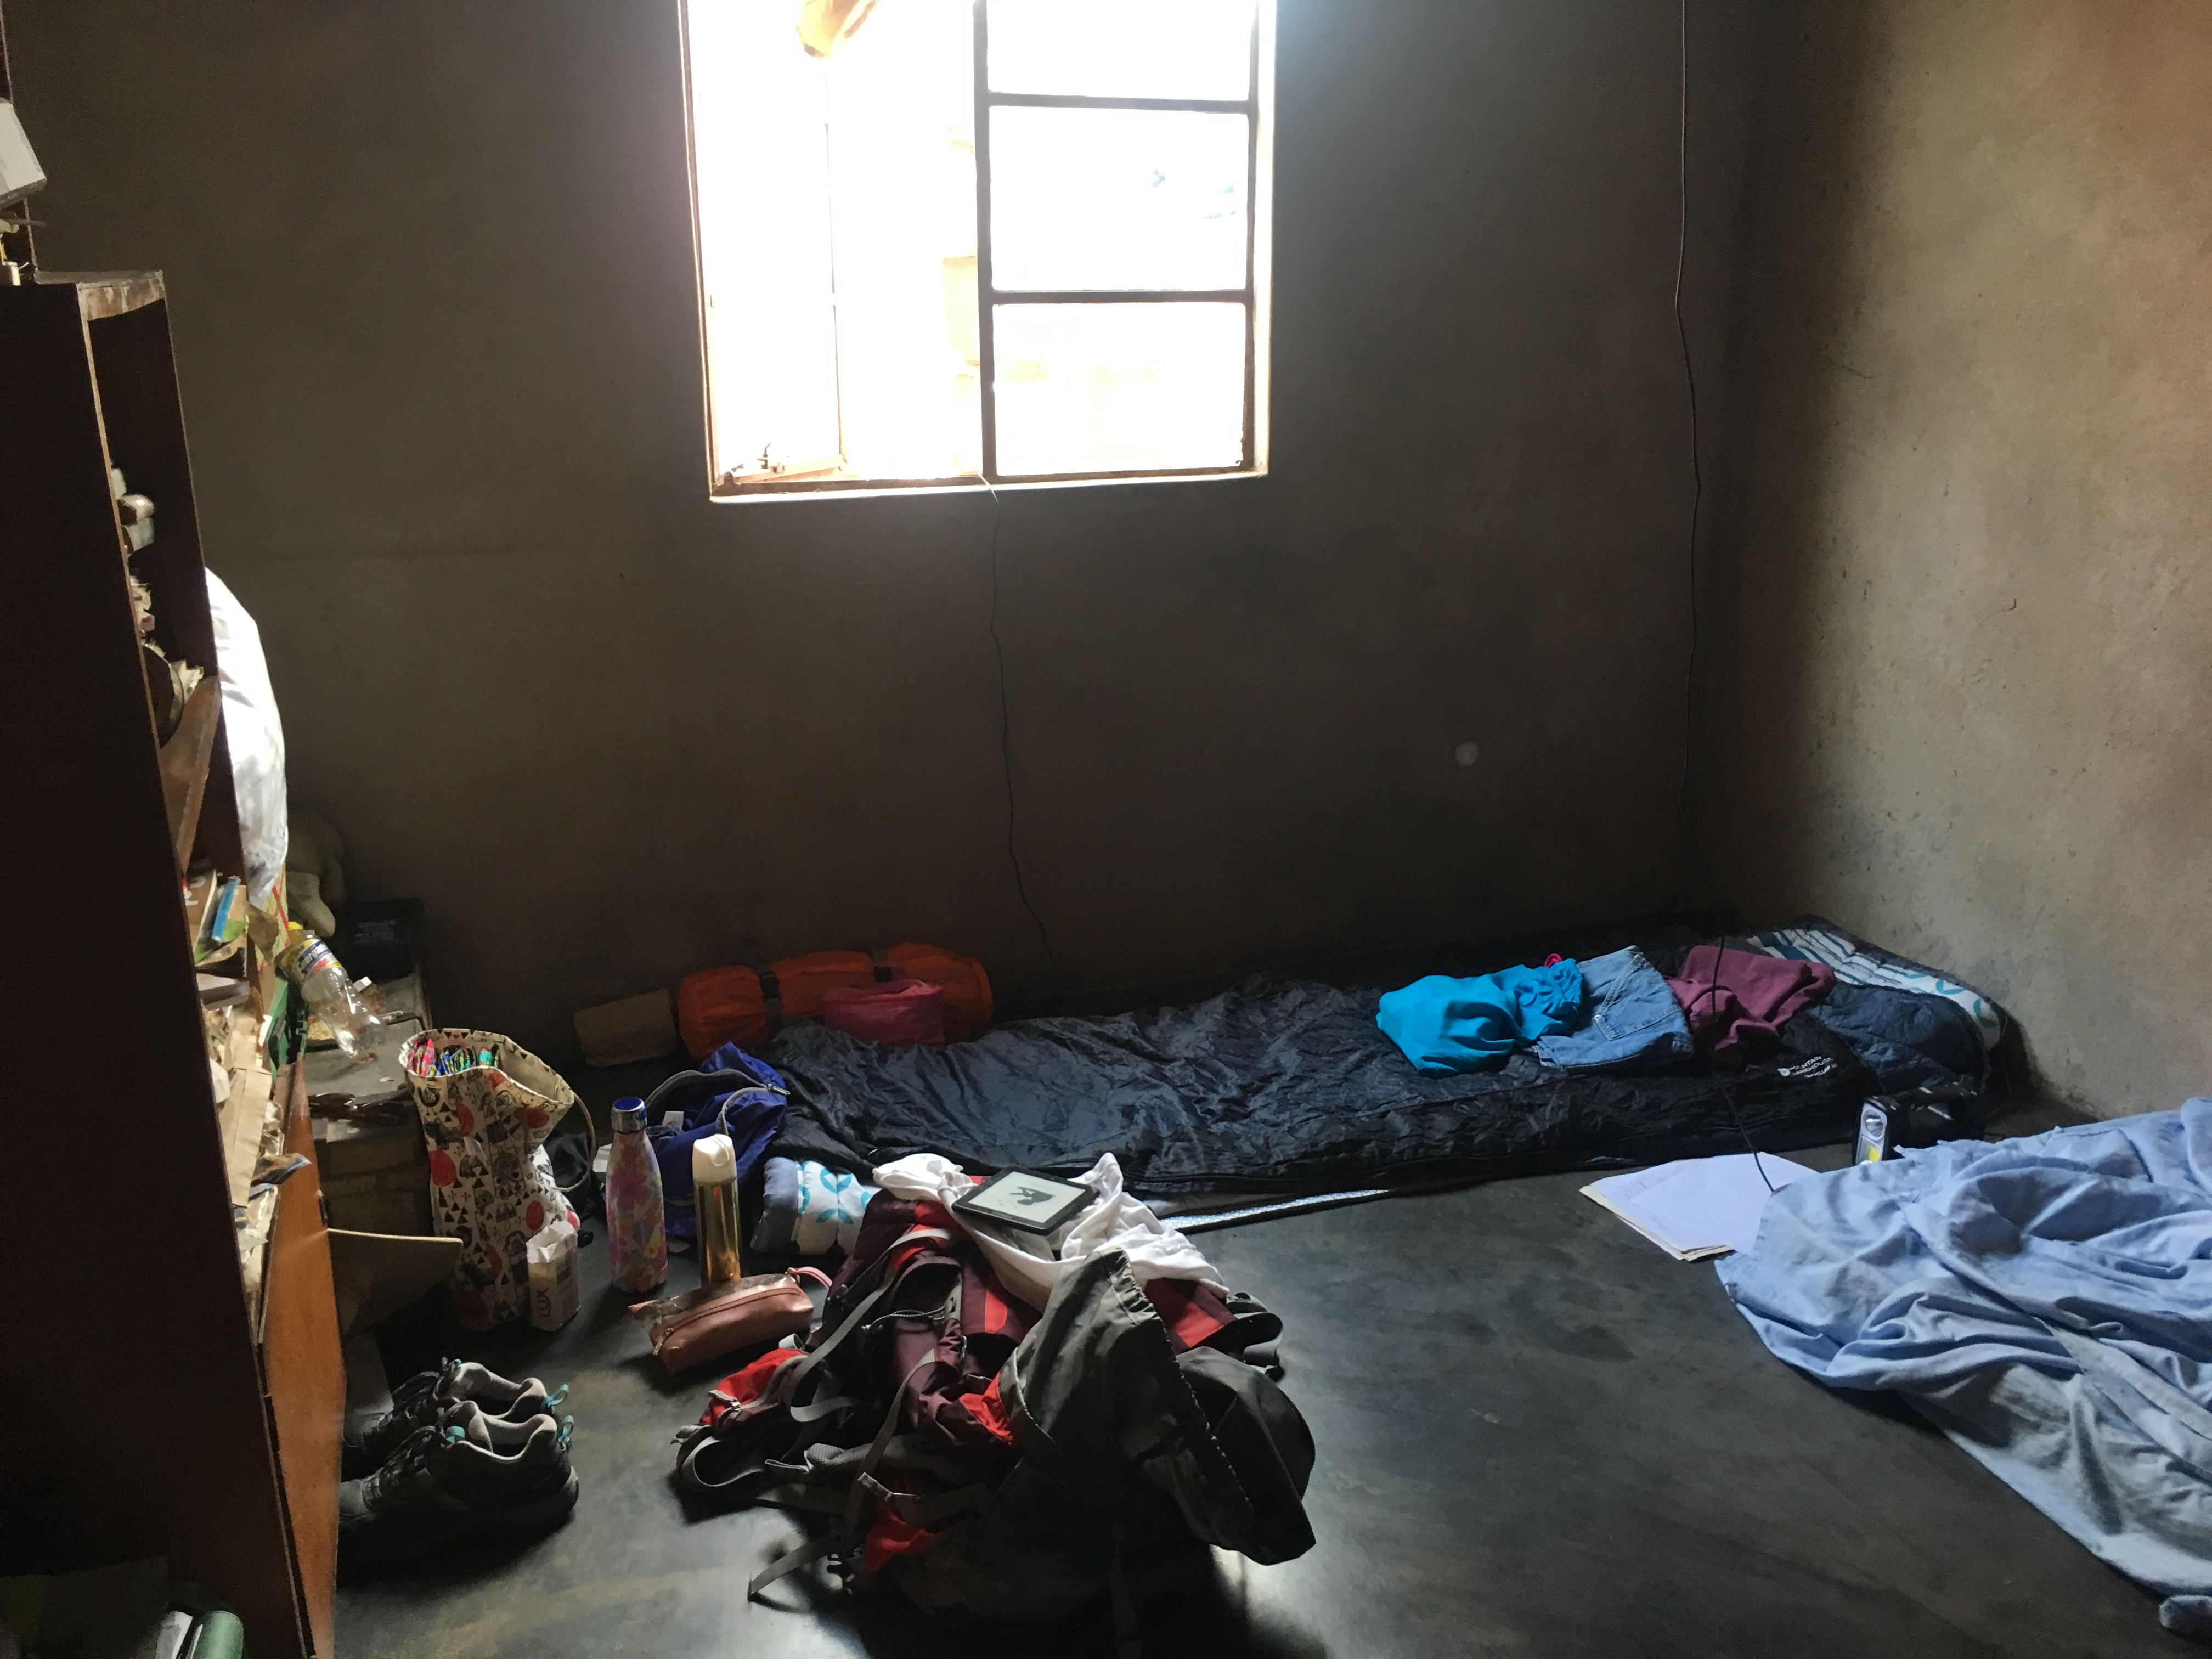 اتاقم تو خونهای تو زیمبابوه